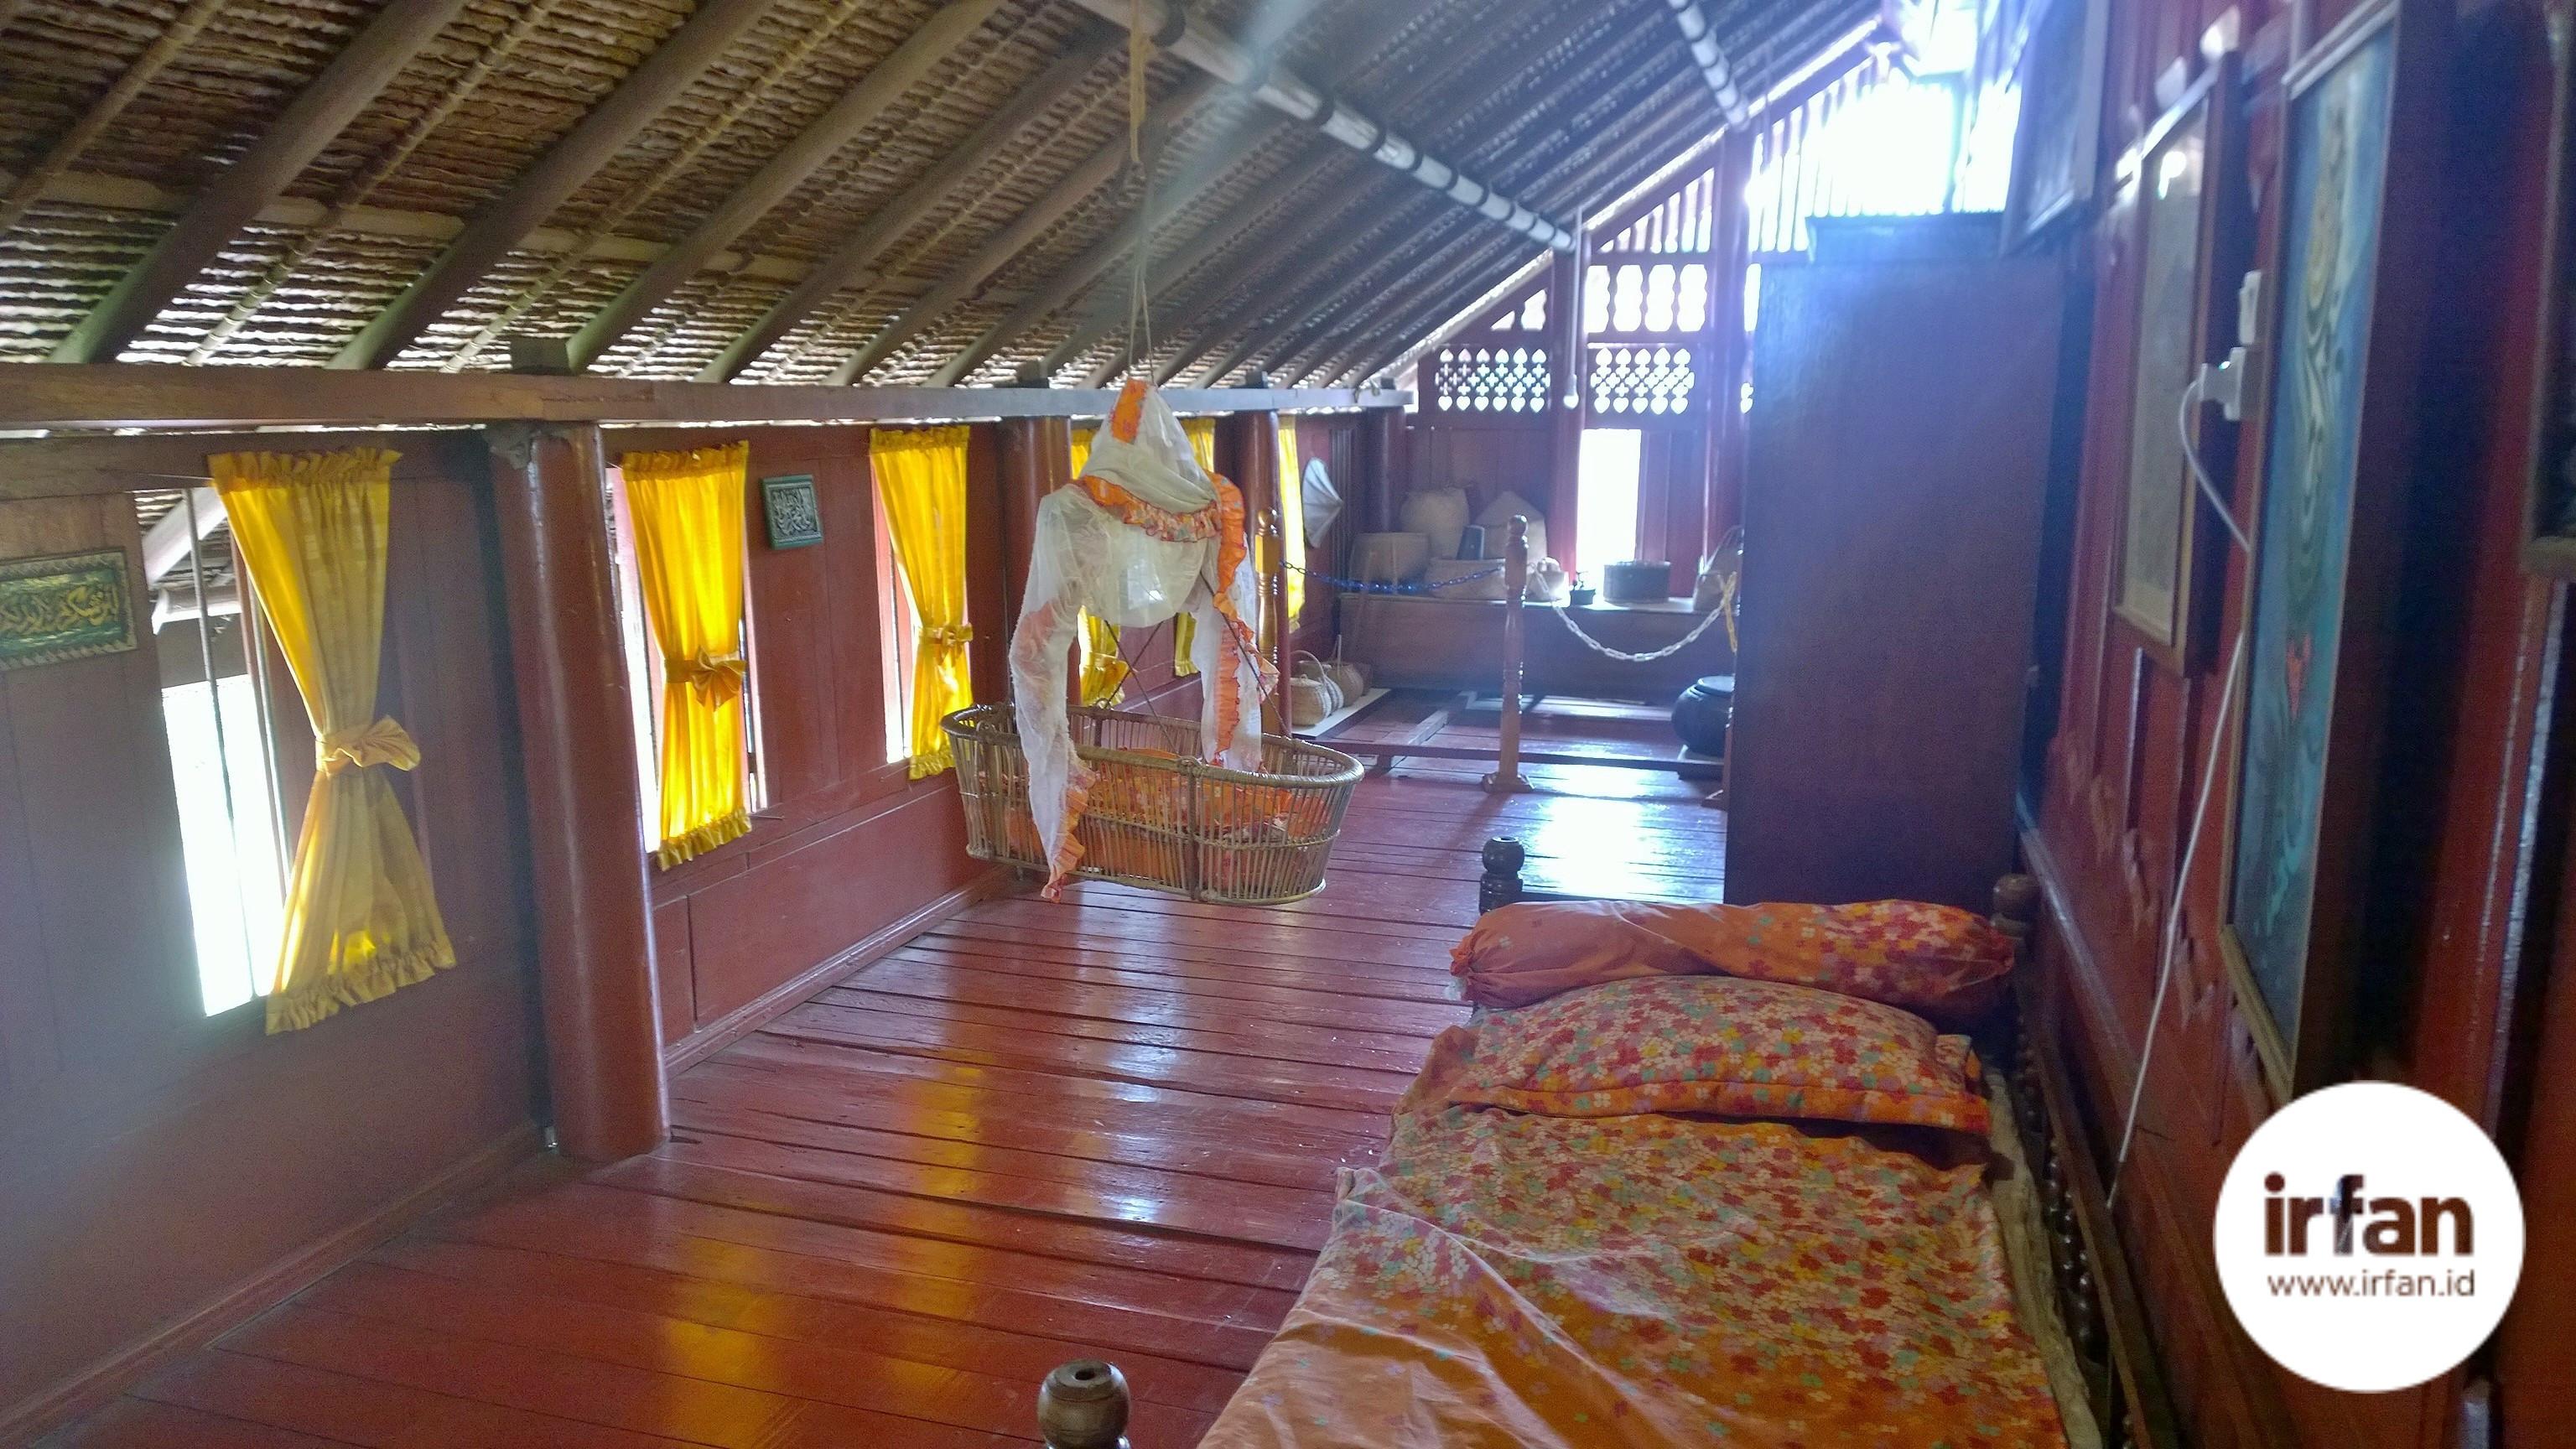 FOTO: Museum Negeri Aceh, Wisata Sejarah Yang Wajib Dikunjungi 43